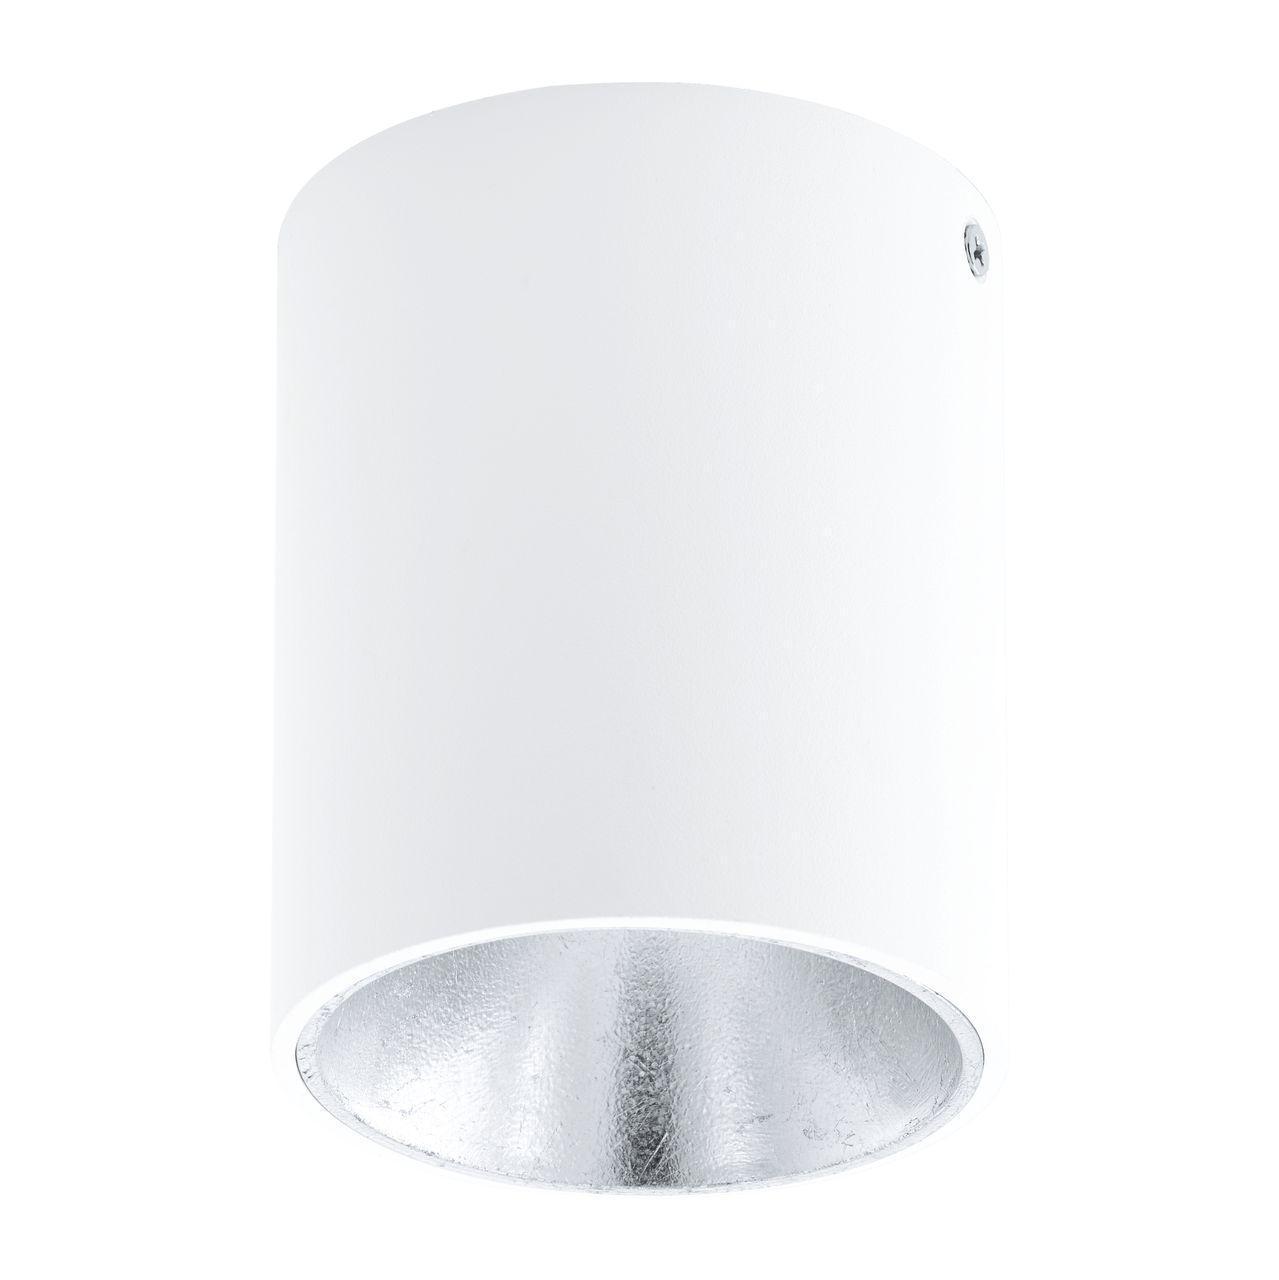 Потолочный светильник Eglo Polasso 94504 цена